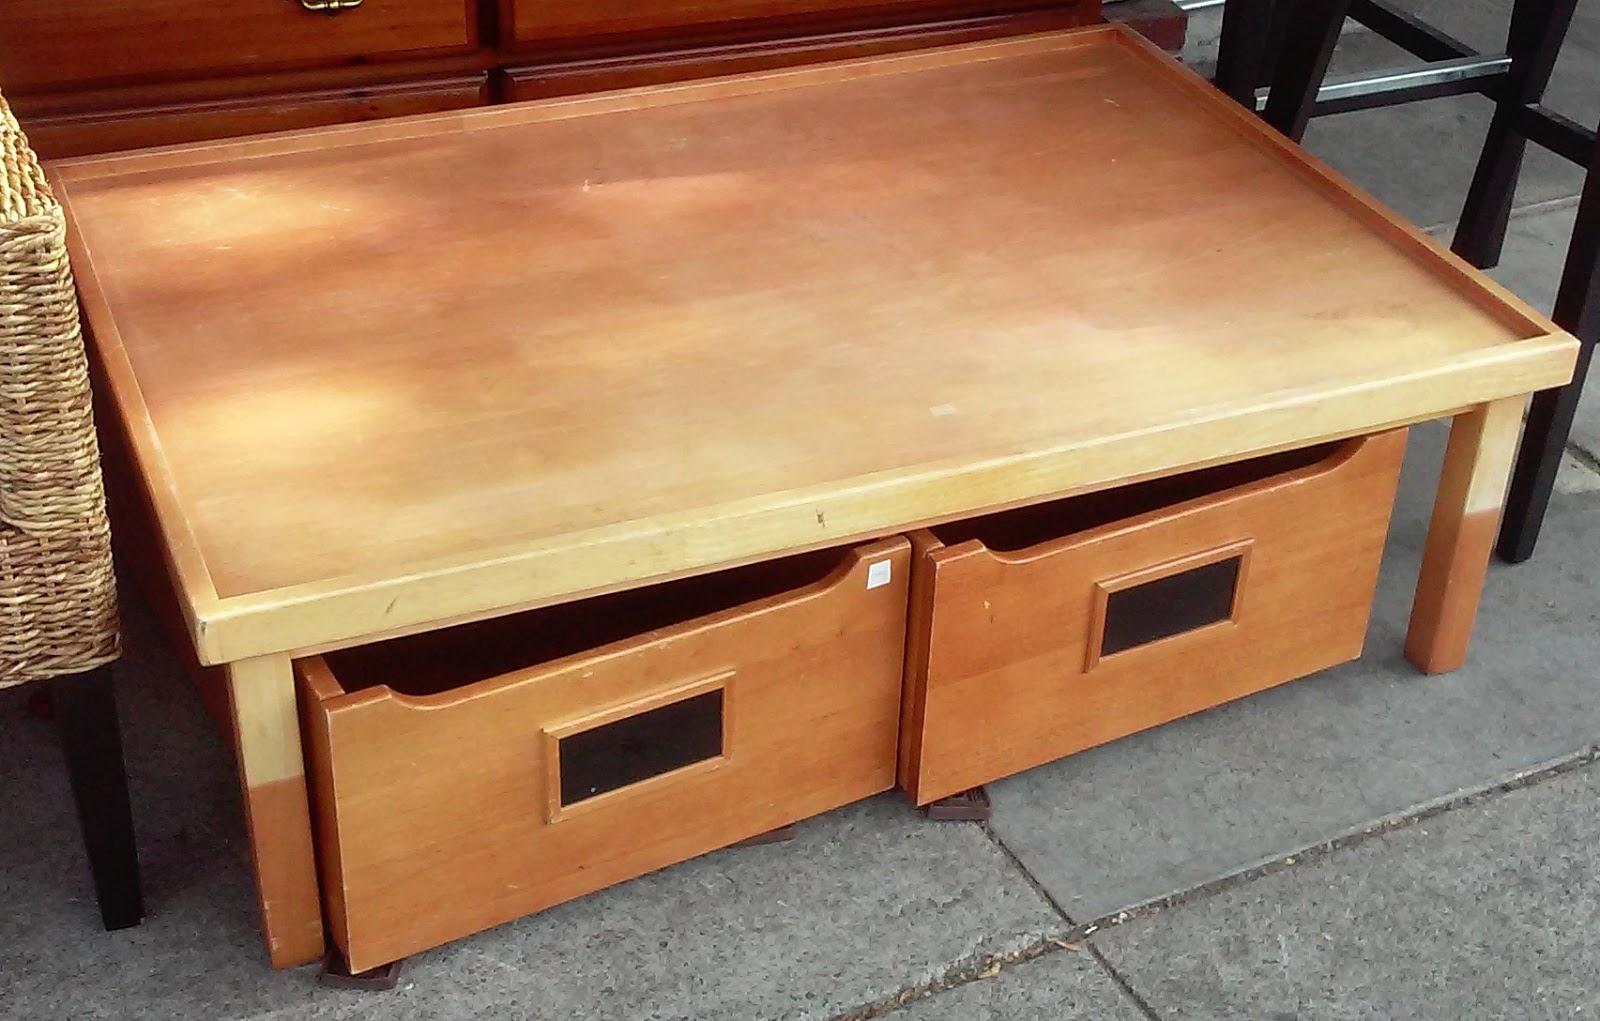 uhuru furniture collectibles sold bargain buy 7563. Black Bedroom Furniture Sets. Home Design Ideas